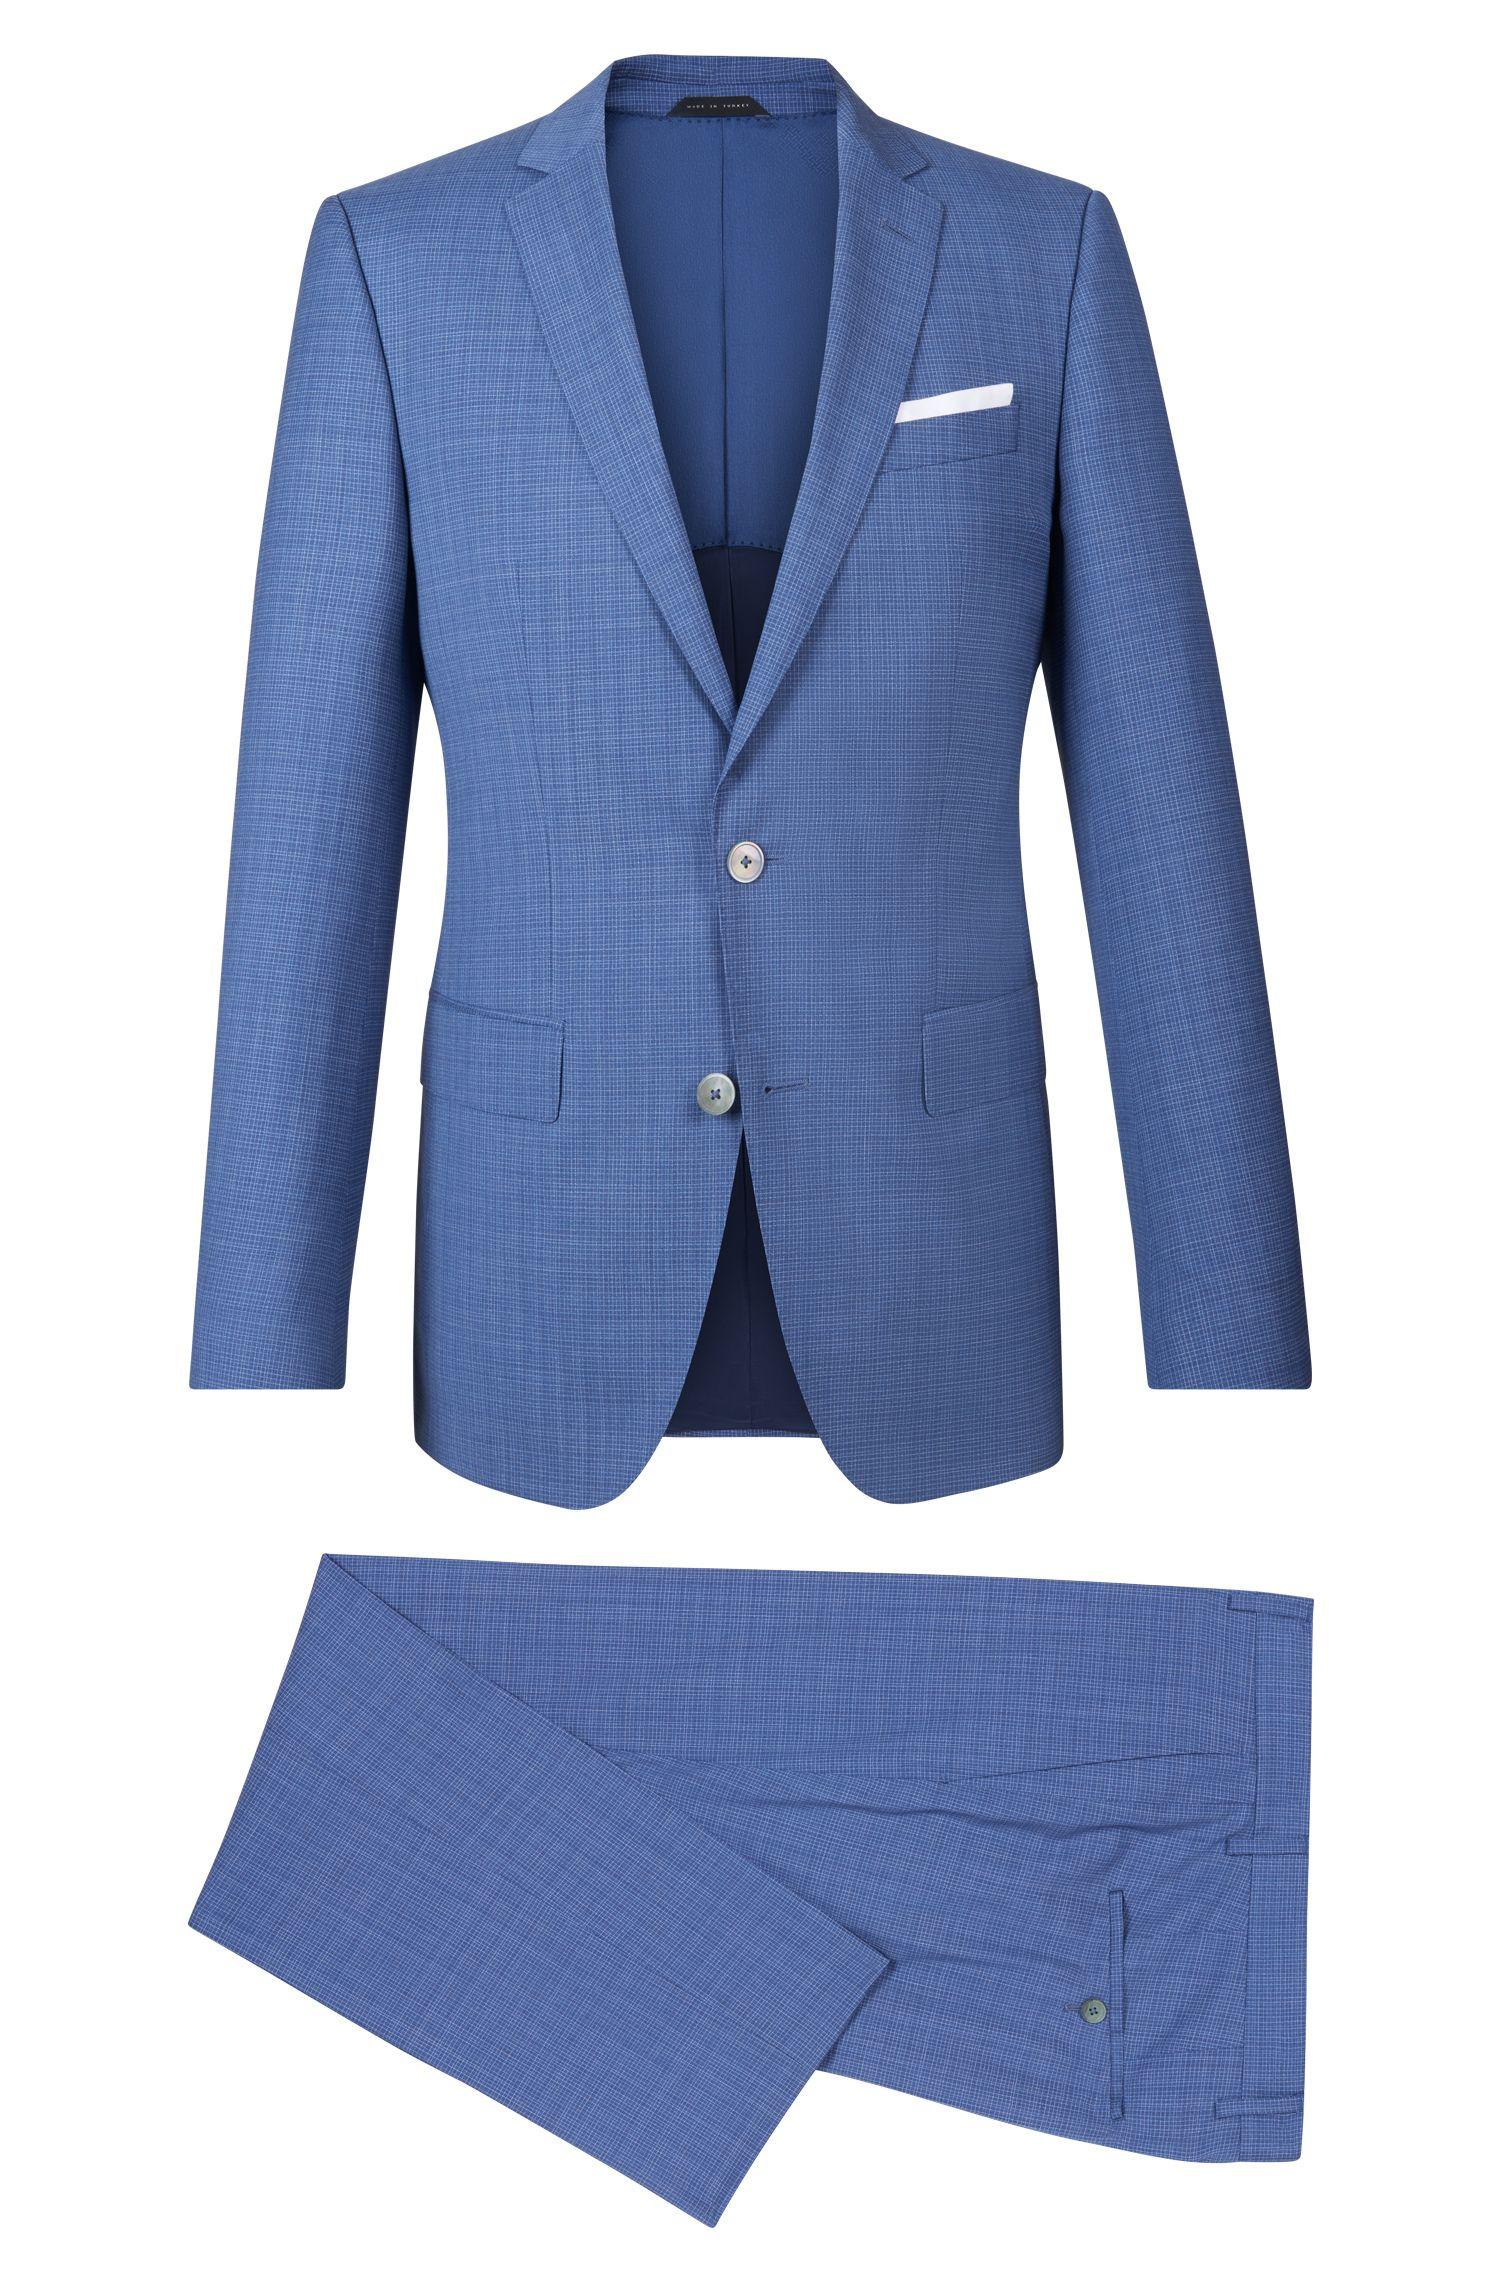 'Hutson/Gander' | Slim Fit, Crosshatch Virgin Wool Suit